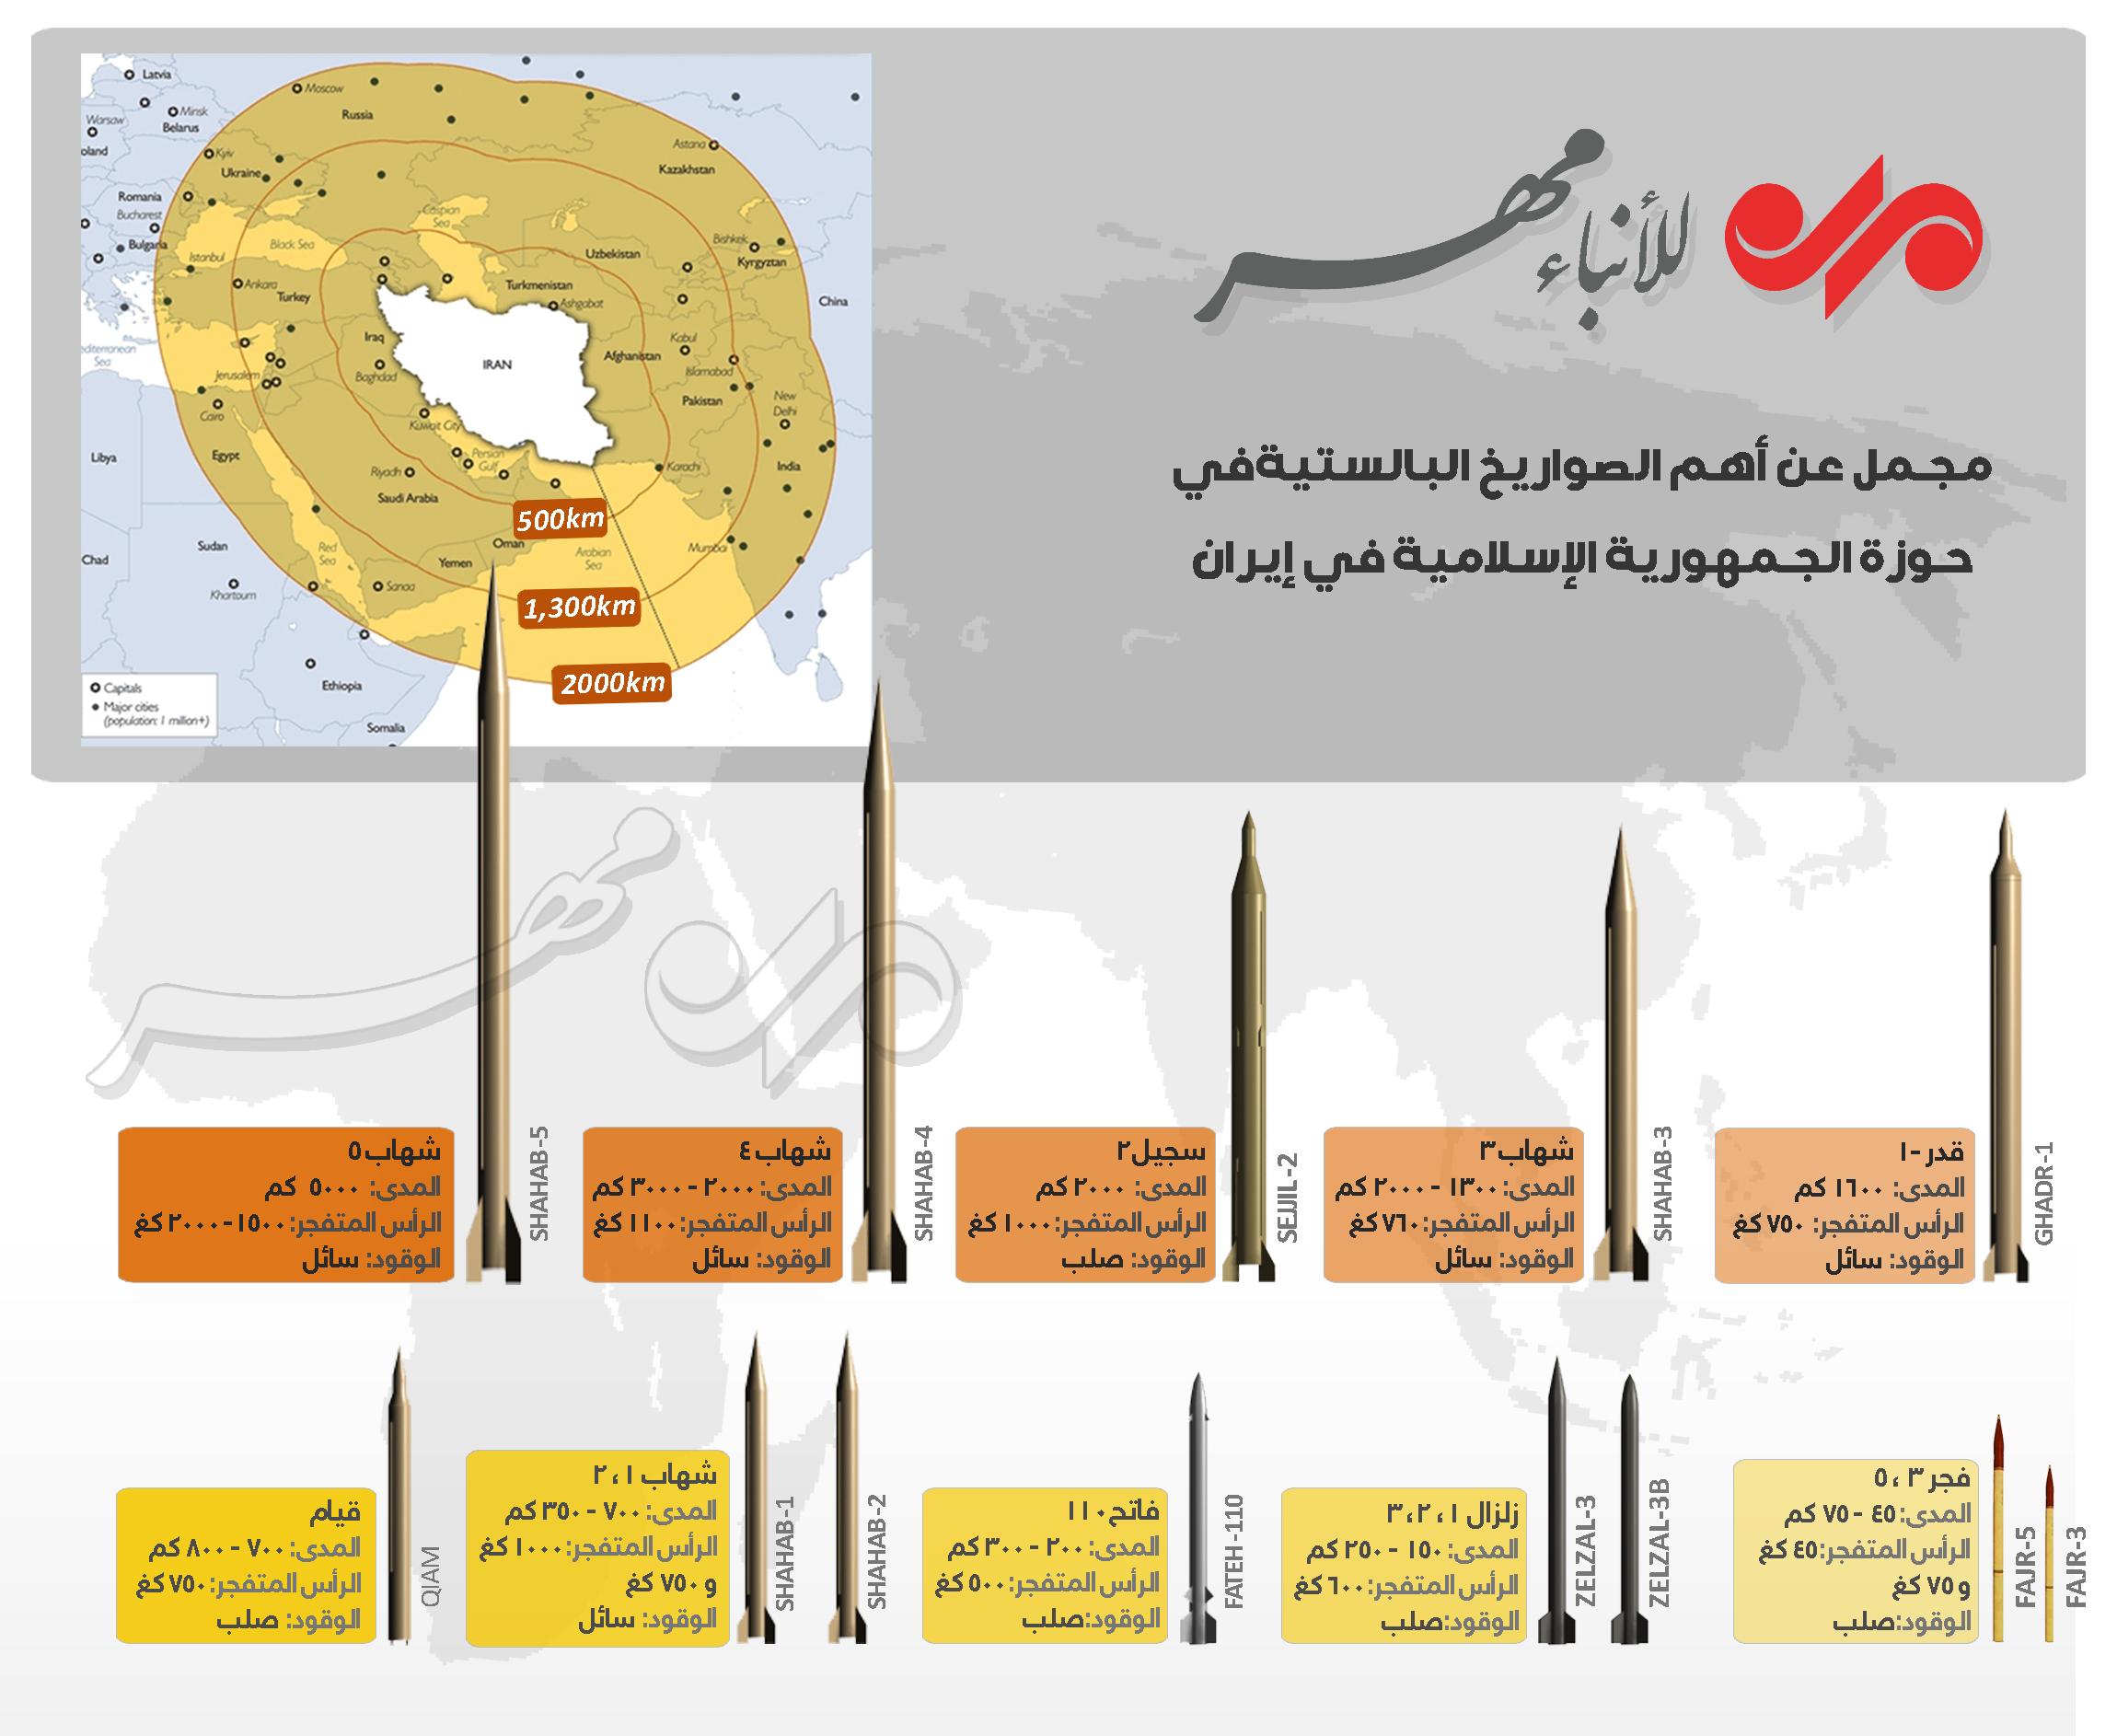 مواصفات الصواريخ الإيرانية التي استهدفت دير الزور1